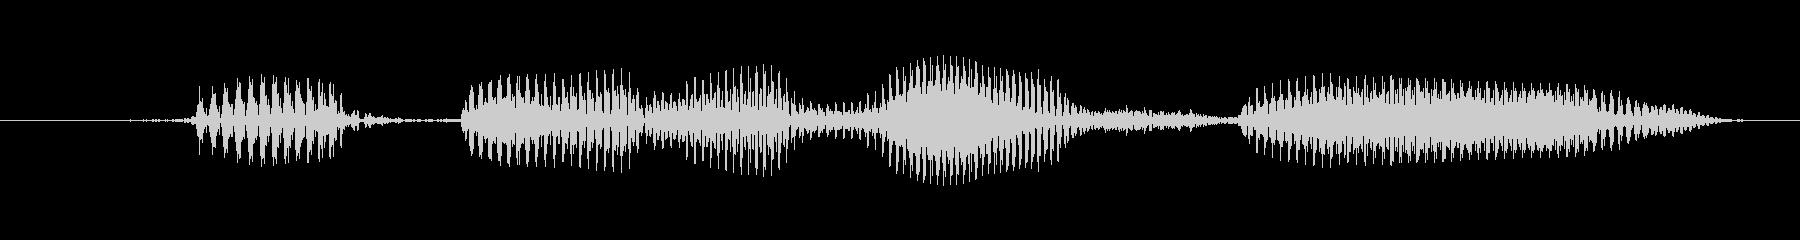 中年男性C:ハッピーアニバーサリーの未再生の波形